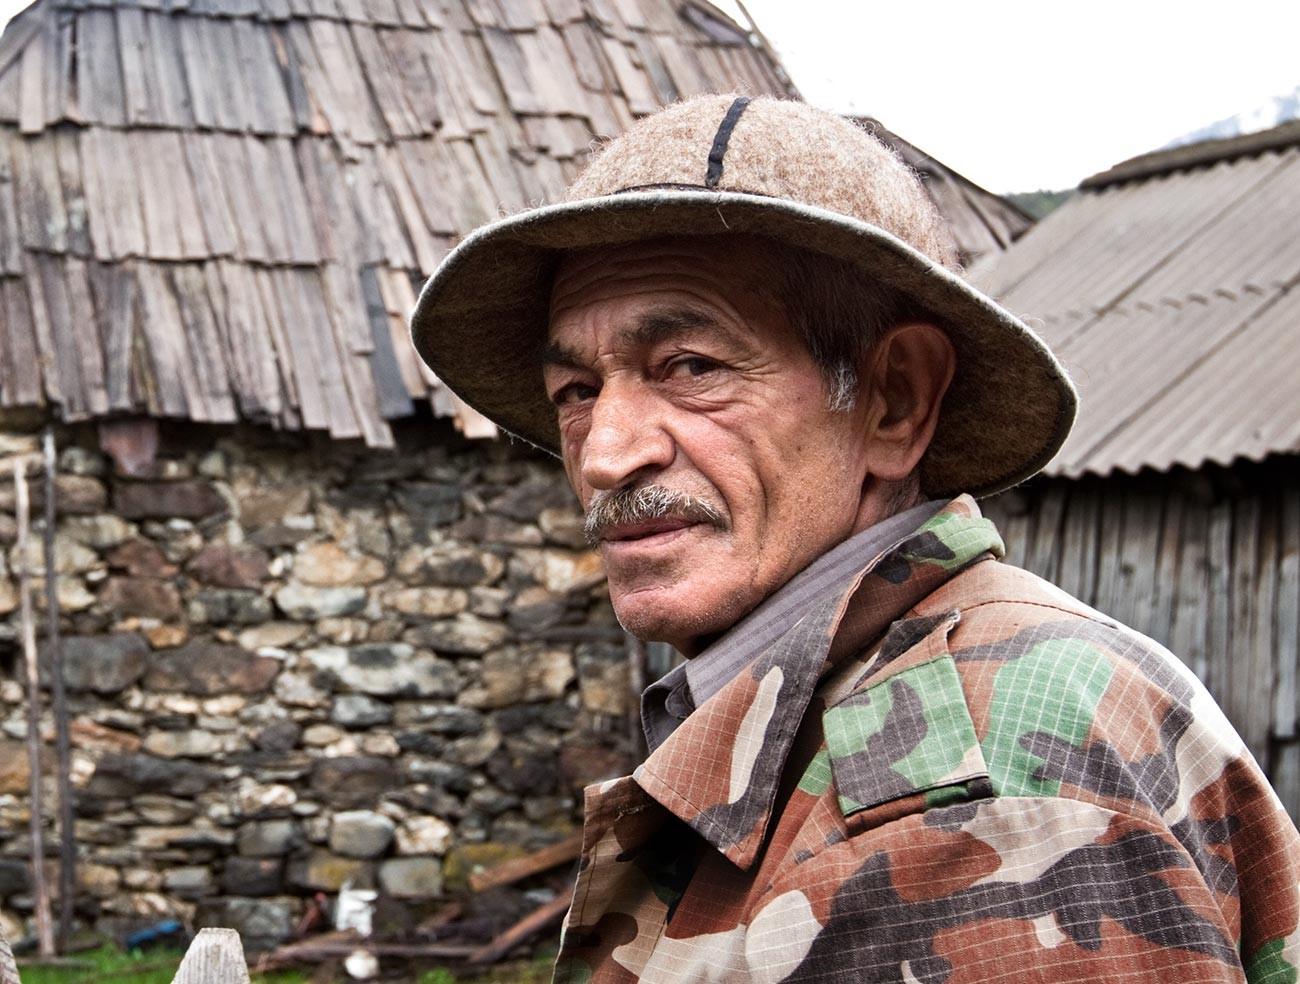 Bewohner des Dorfes Edis, Region Java.